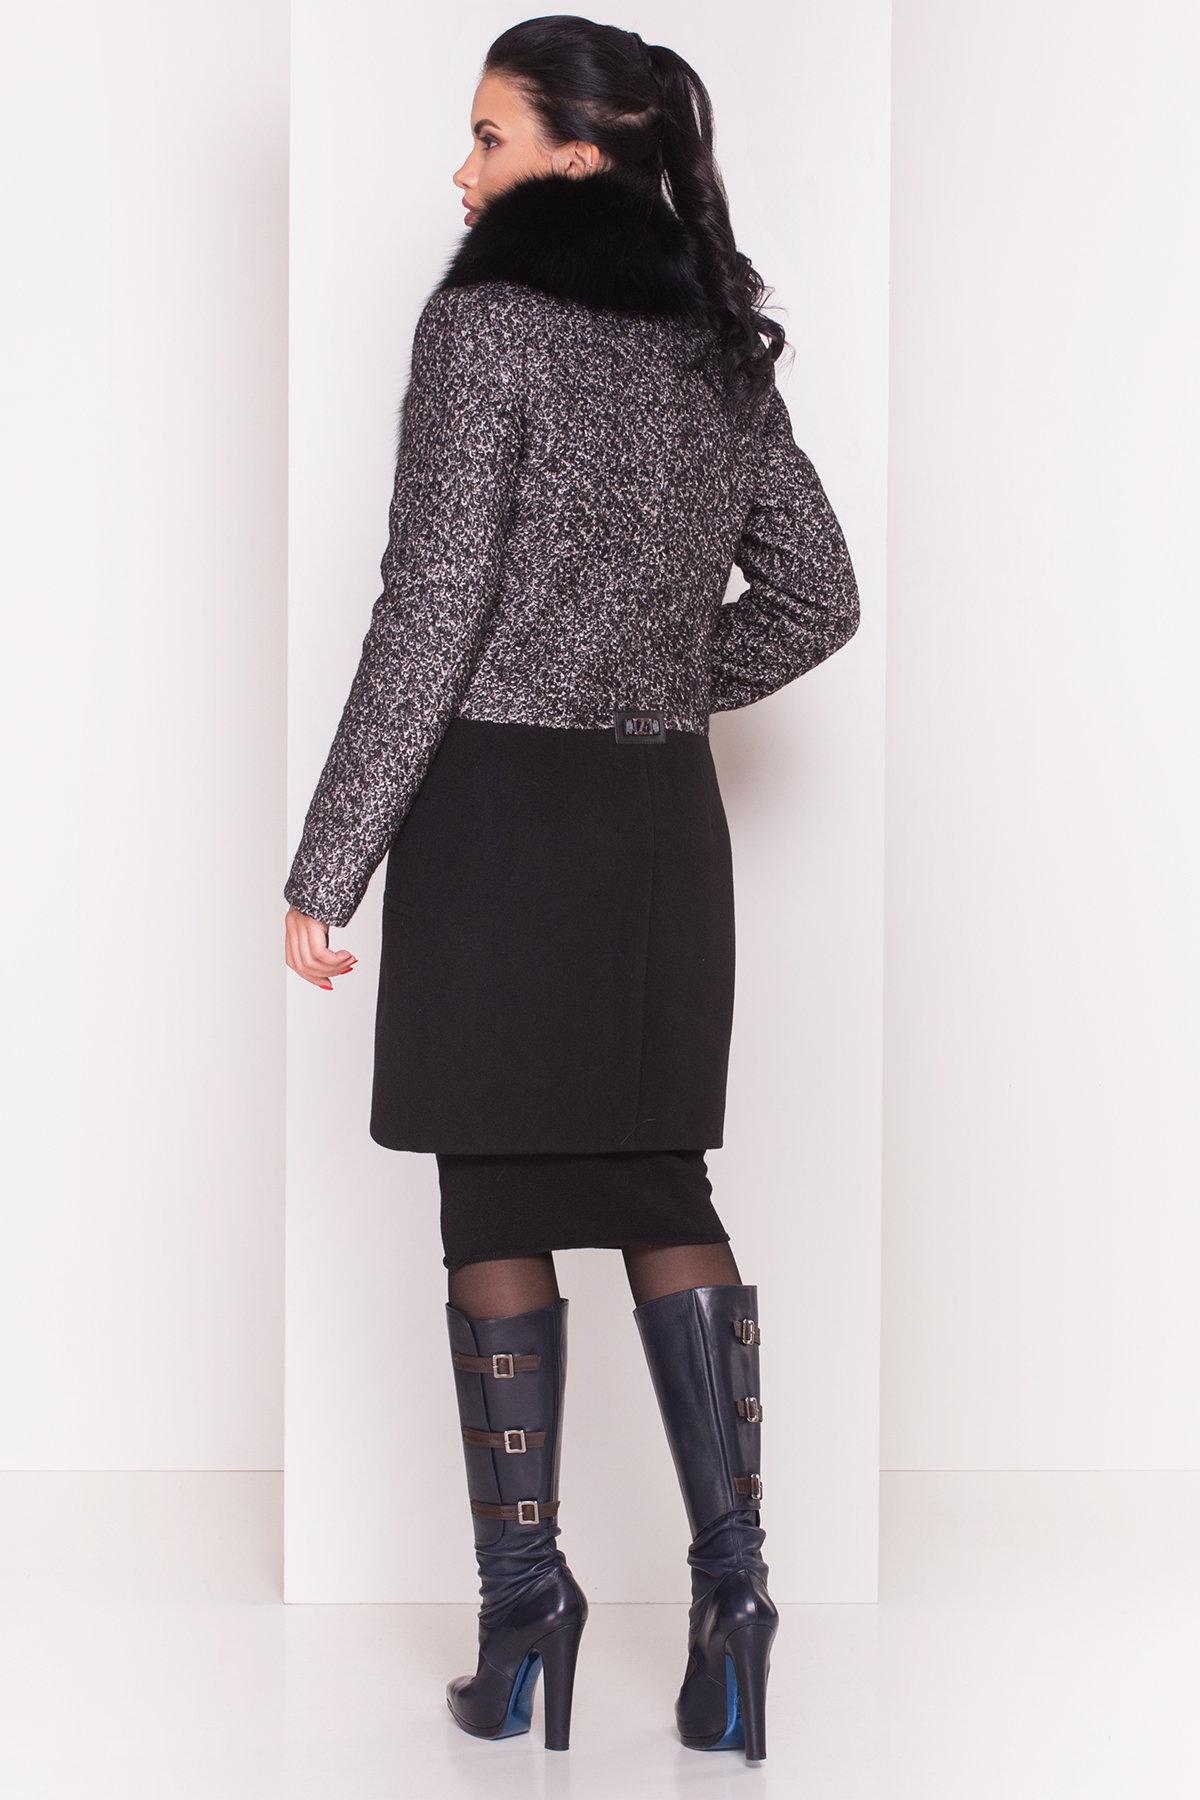 Пальто зима Мальта 0648 АРТ. 7363 Цвет: Чёрно-серый / Черный - фото 4, интернет магазин tm-modus.ru